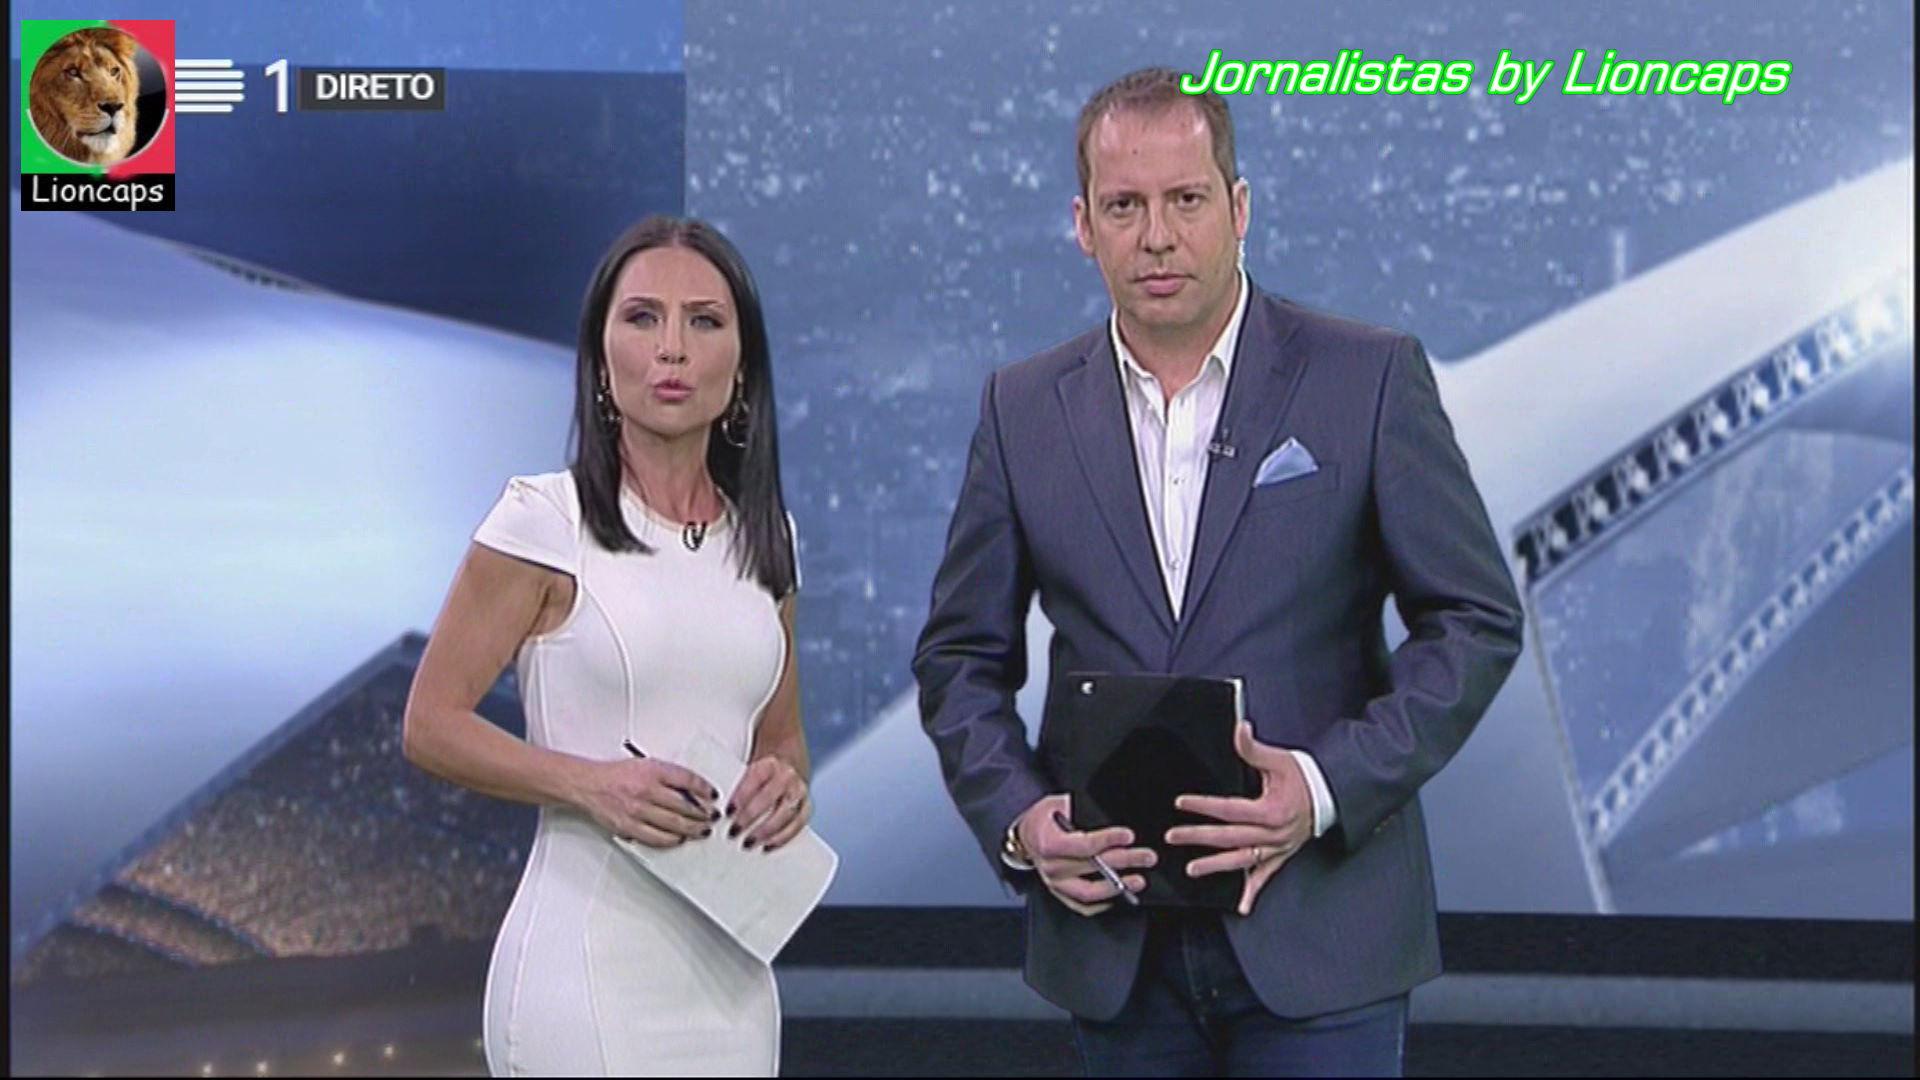 177345482_jornalistas_vs170923_04136_122_254lo.JPG